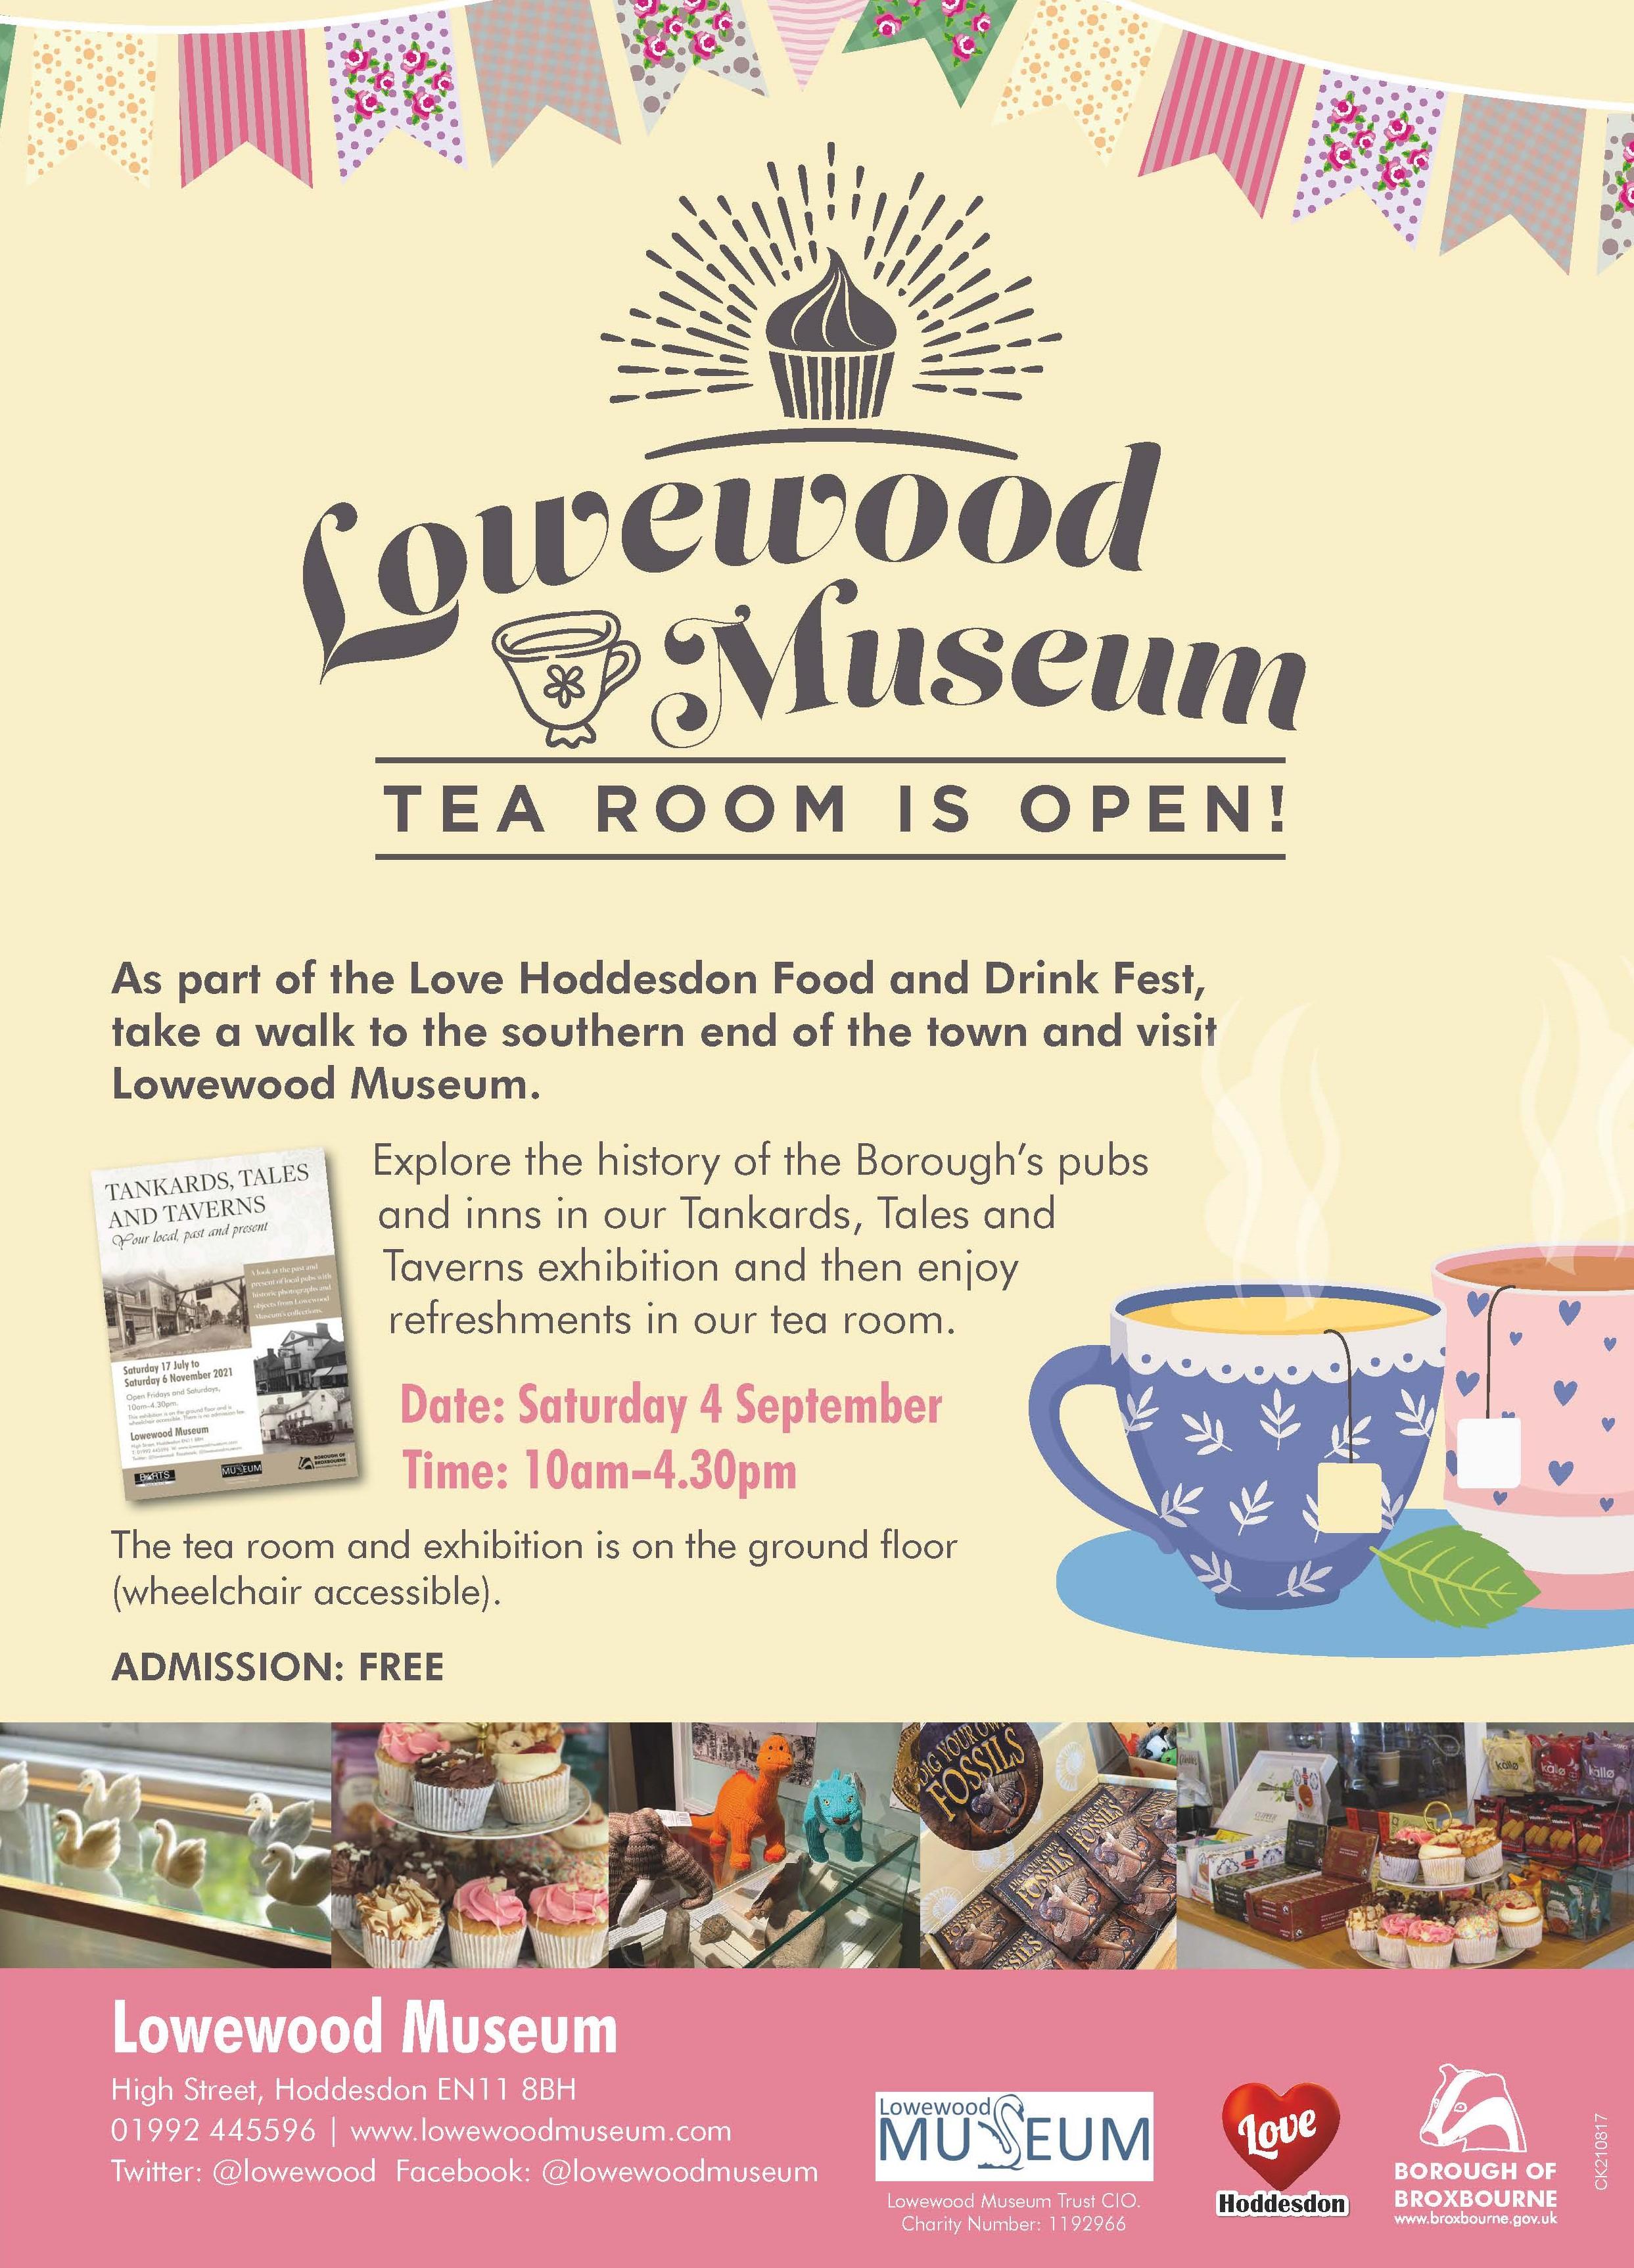 Lowewood Museum's tea room is open